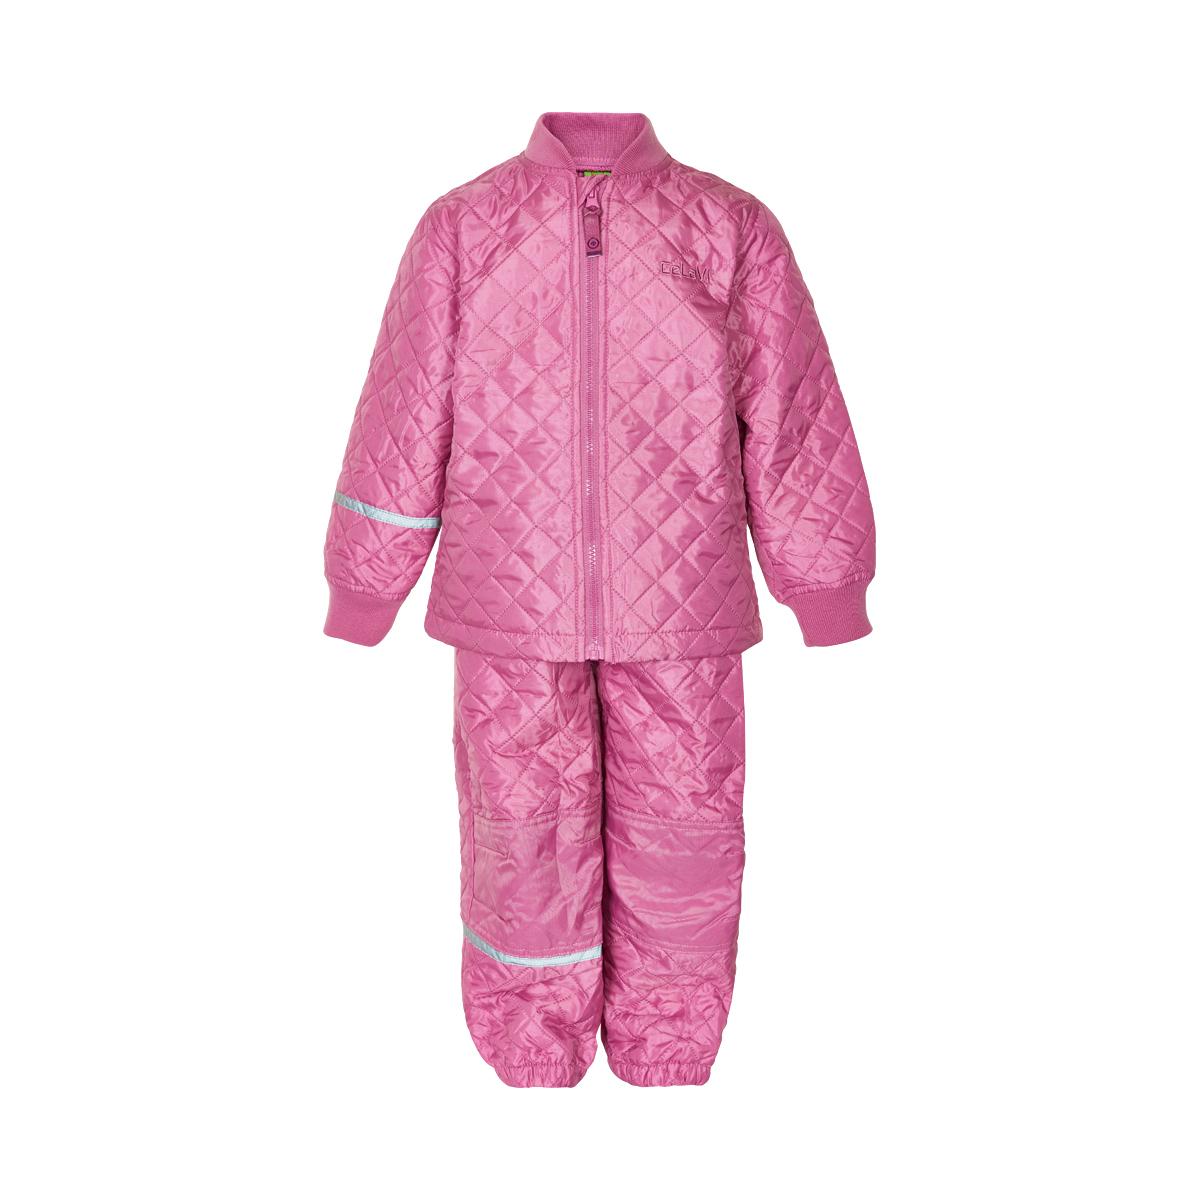 CeLaVi dětský termo oblek 3555-570